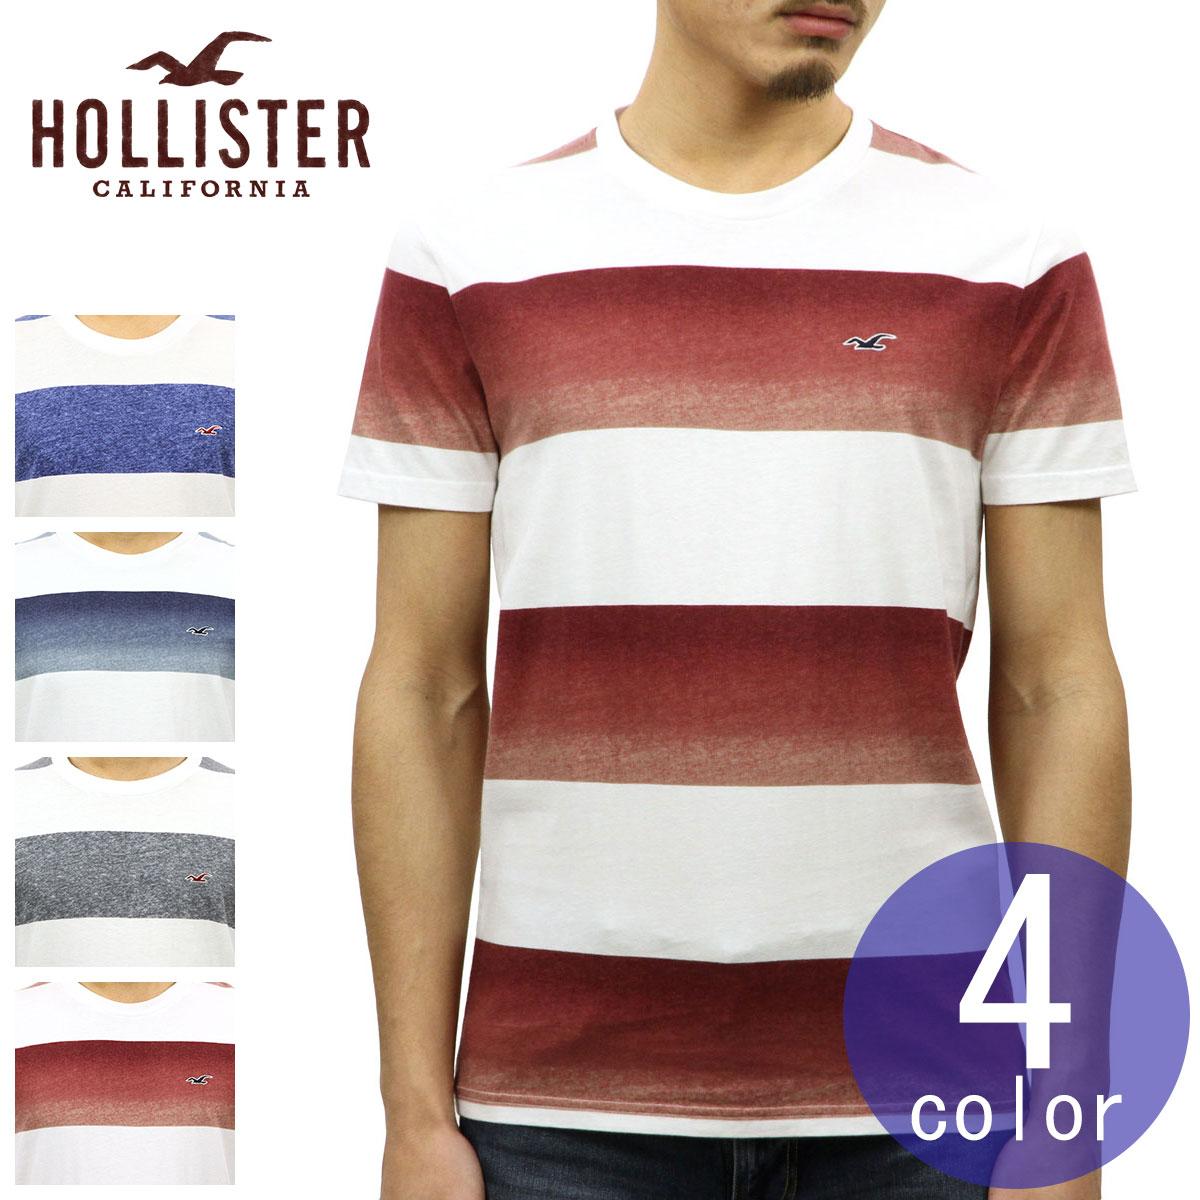 ホリスター HOLLISTER 正規品 メンズ ストライプ柄 半袖Tシャツ Must-Have Crewneck T-Shirt